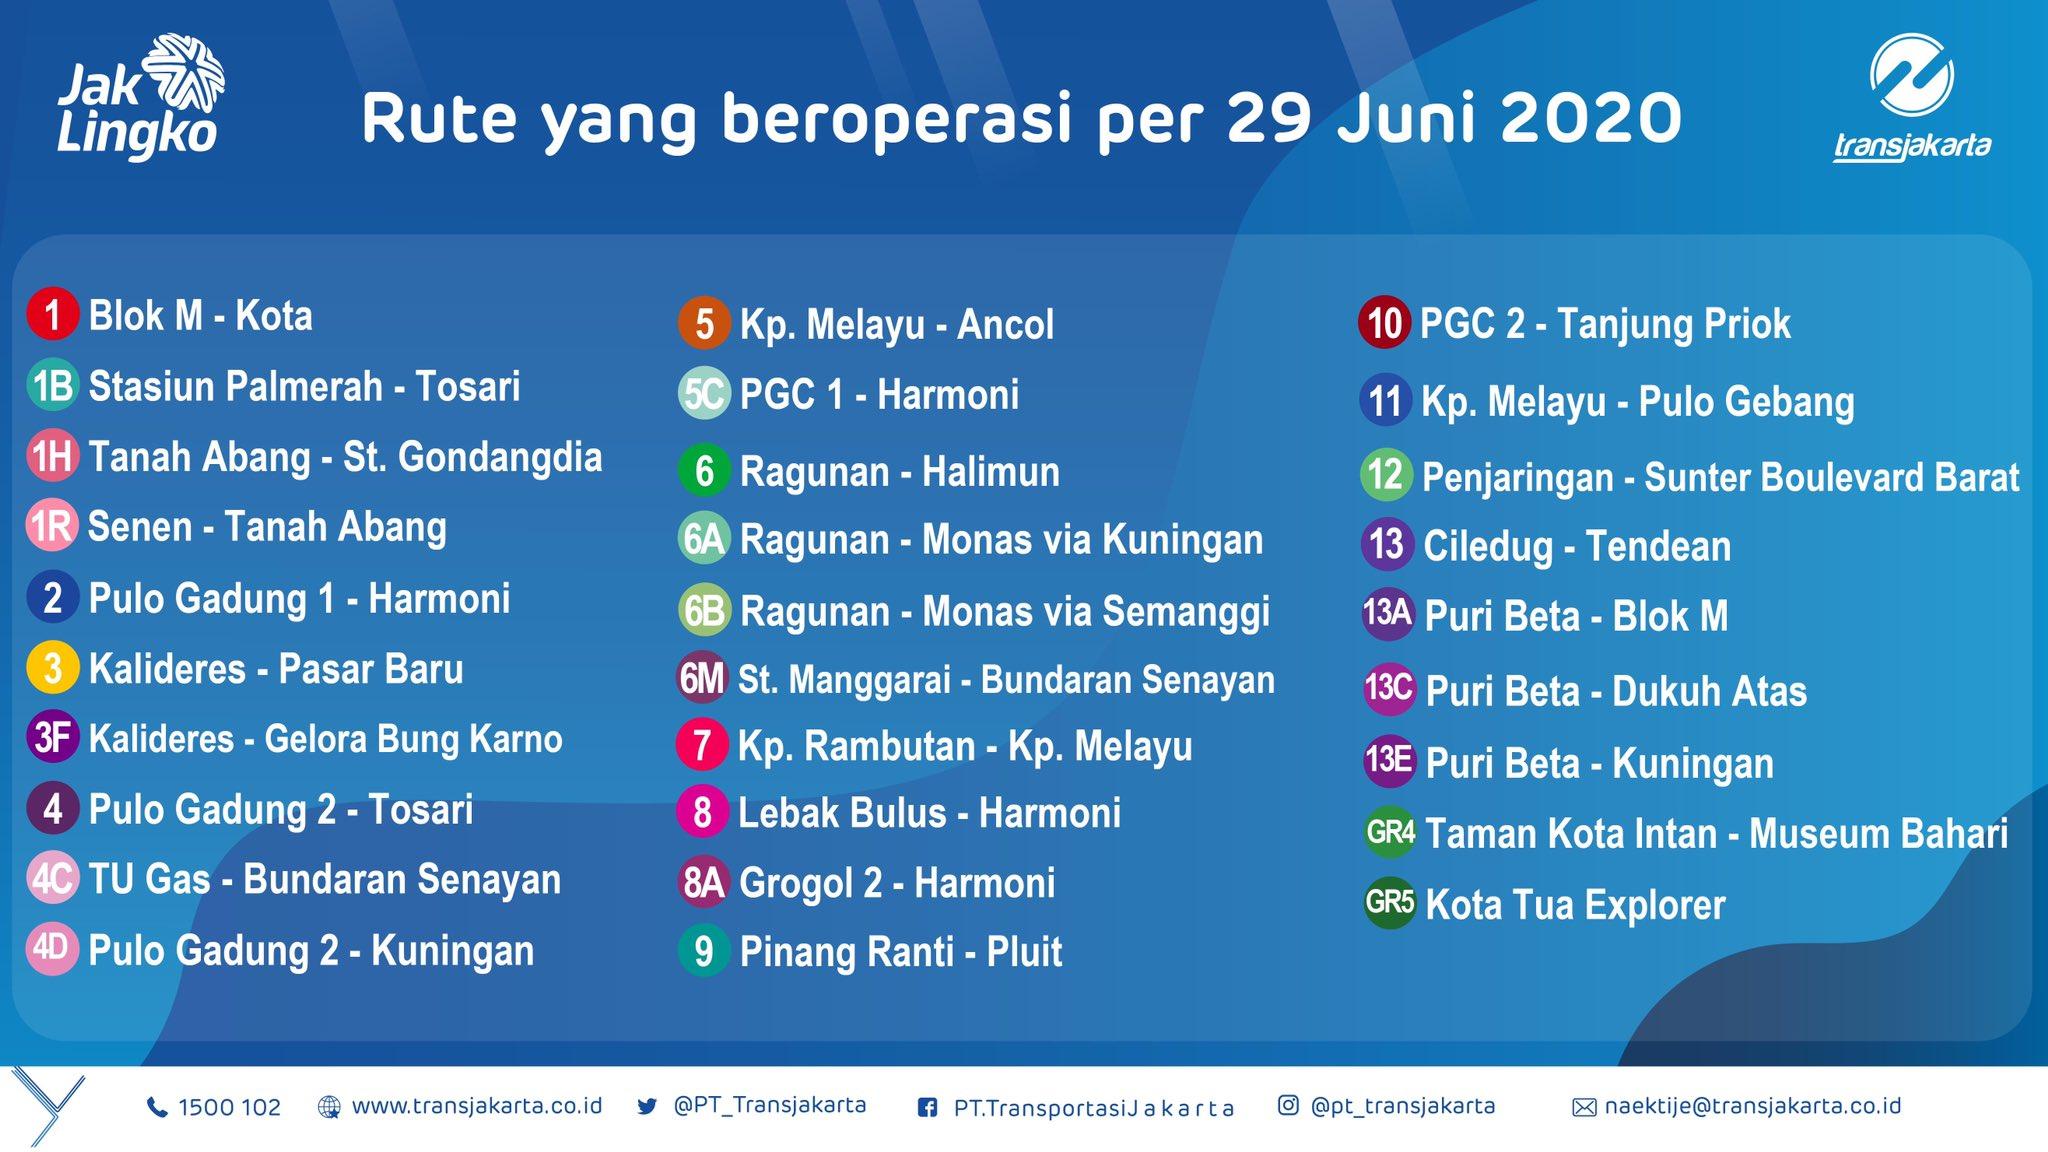 Rute perjalanan bus TransJakarta per 29 Juni 2020